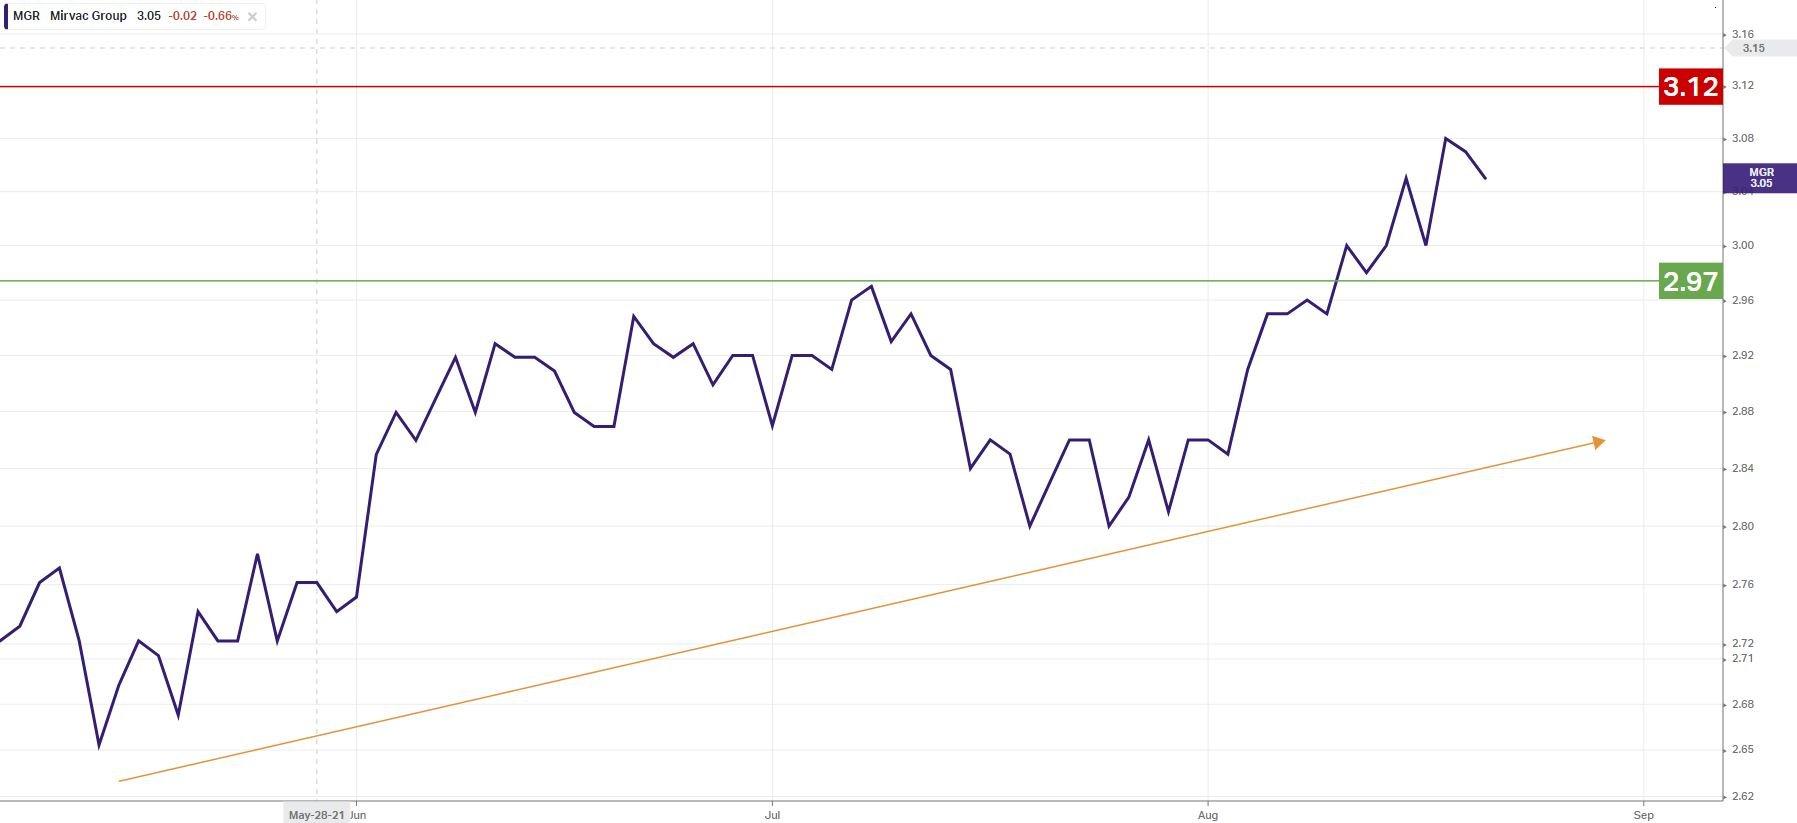 mgr chart